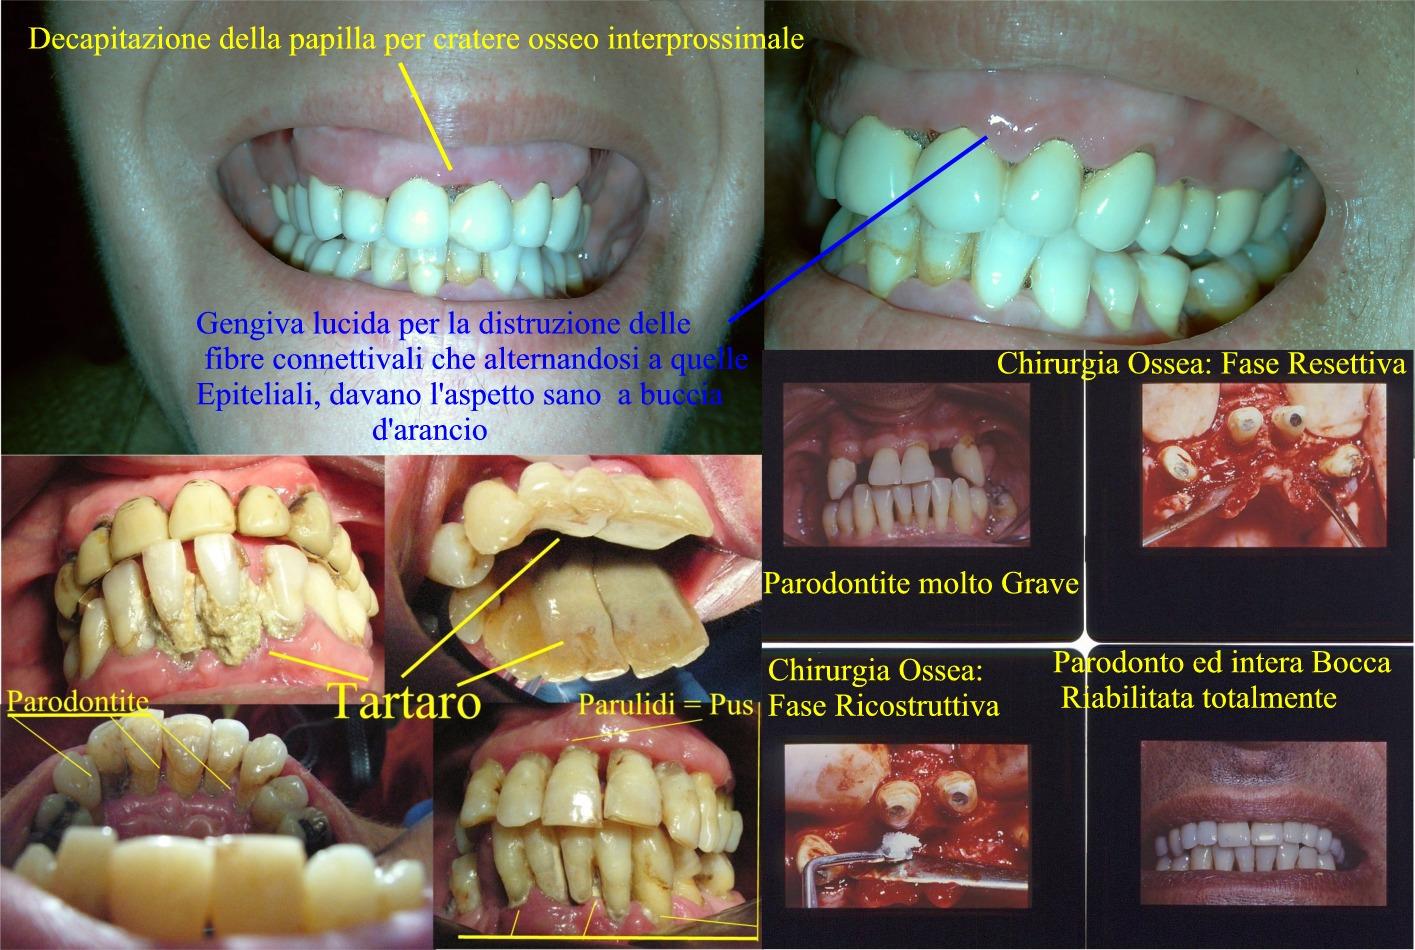 Parodontiti e Terapia Riabilitativa completa Chirurgica Parodontale, Protesica ed Implantologica. Da casistica del Dr. Gustavo Petti di Cagliari